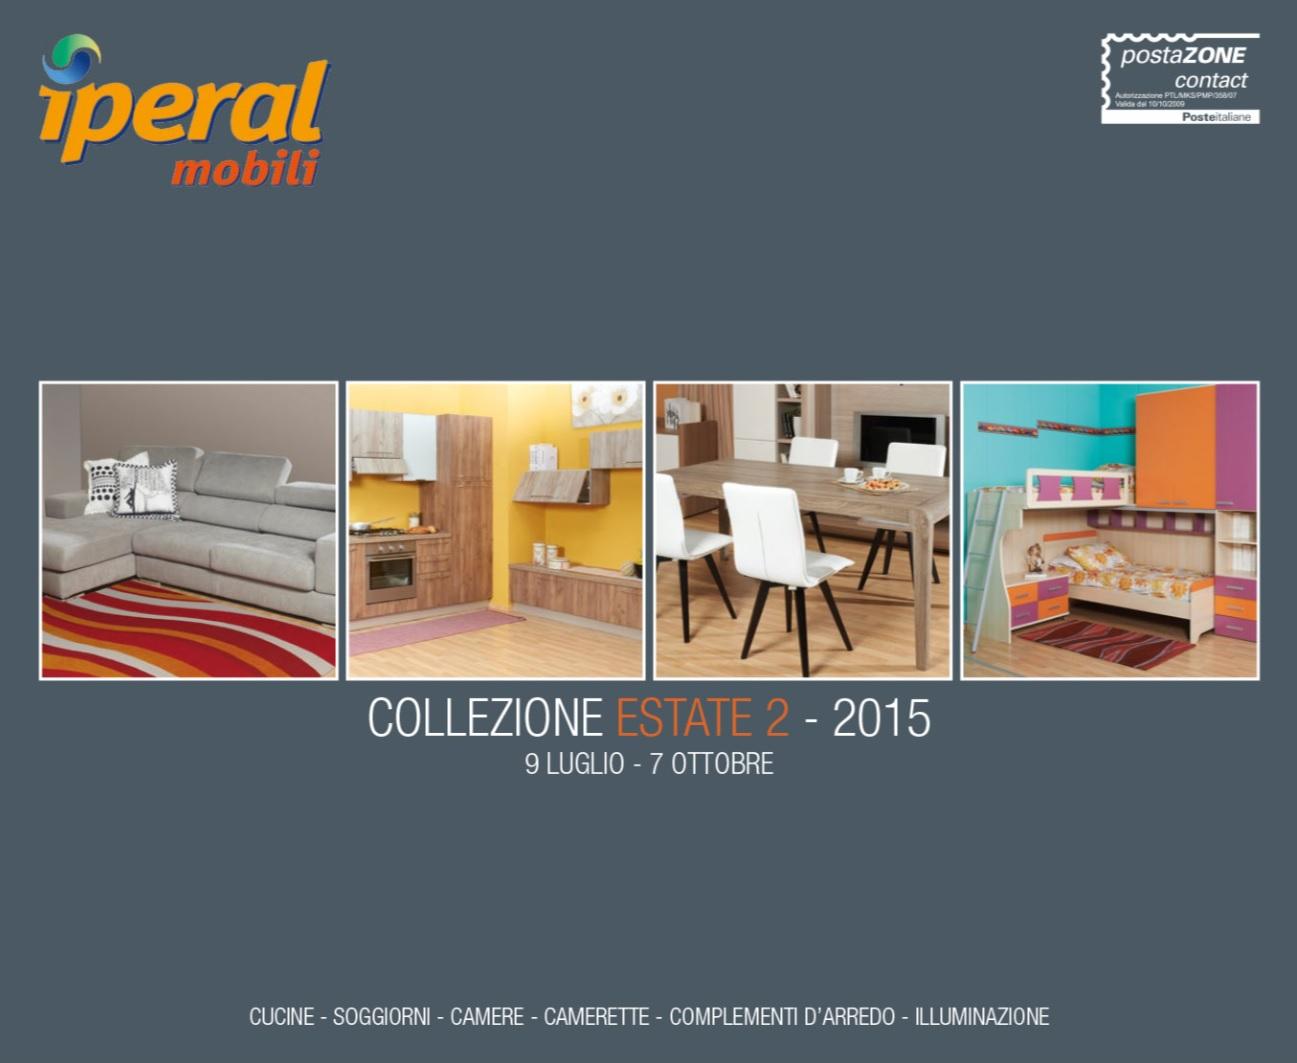 Volantino iperal mobili estate 7 ottobre 2015 volantino az - Iperal mobili rogolo ...